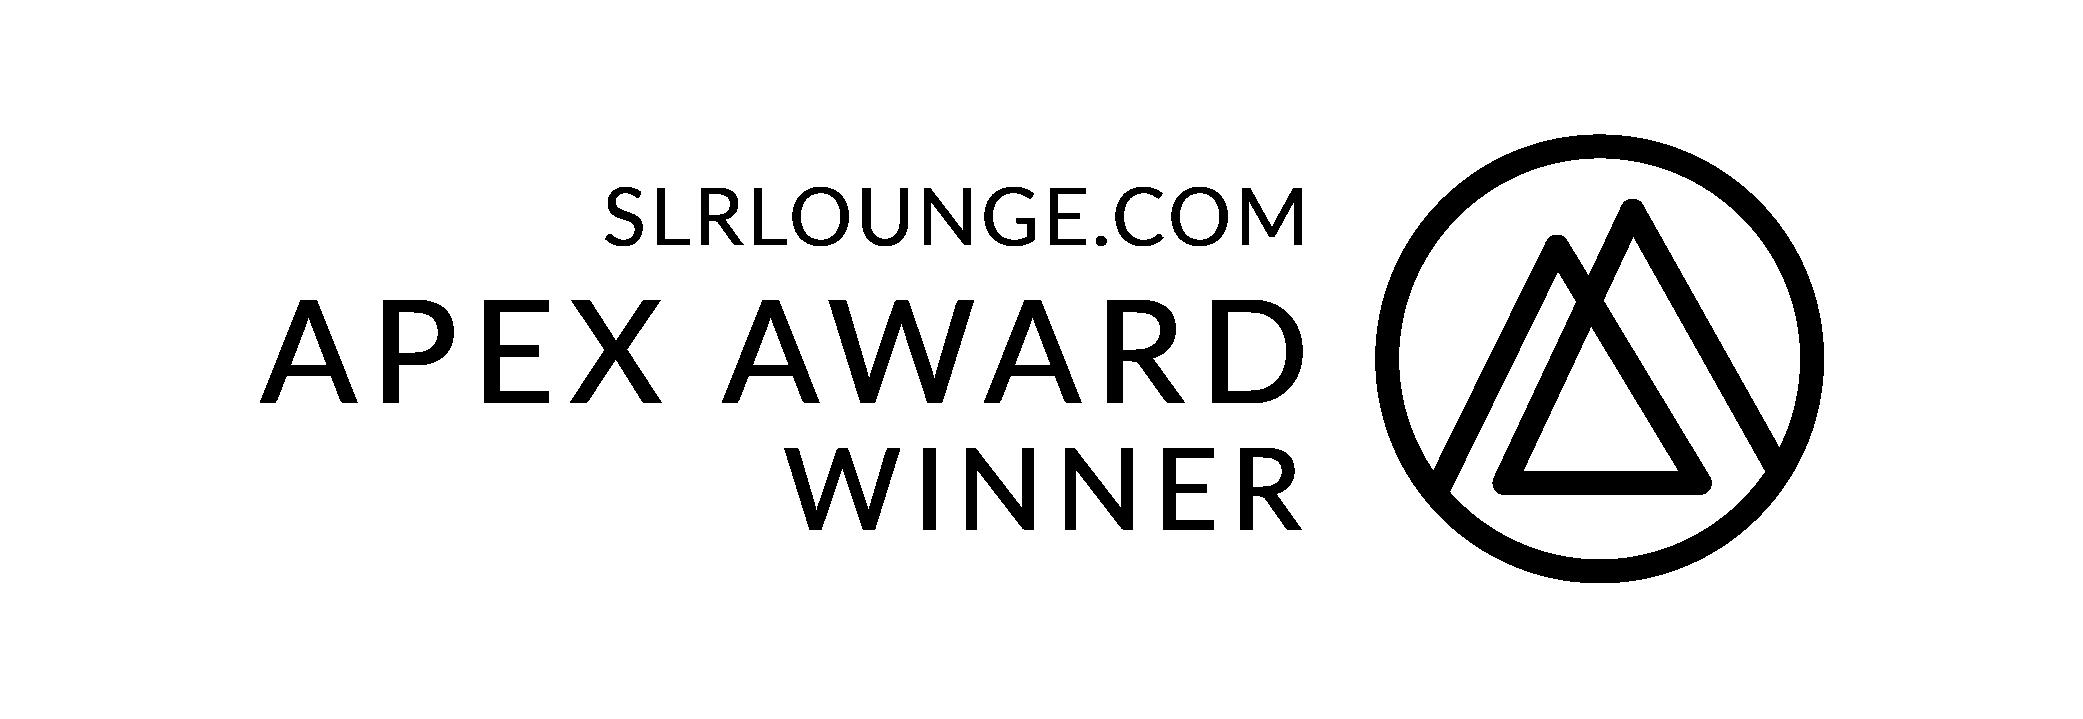 SLR Lounge Apex Award Winner